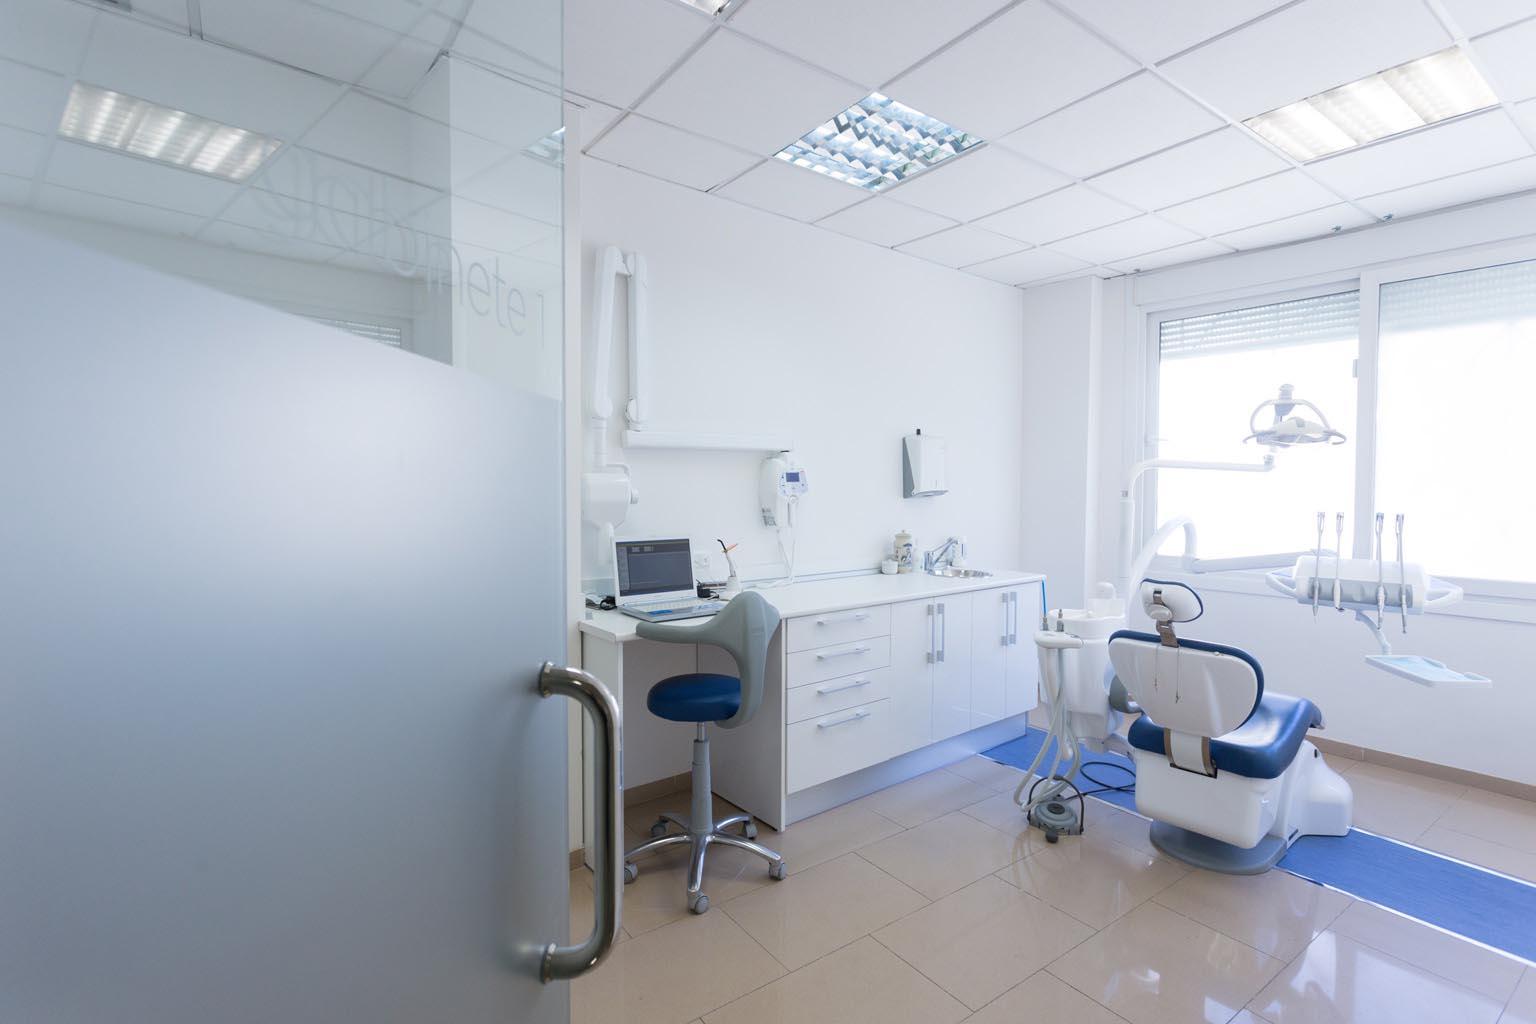 Gabinte 1, Clínica dental en Almería - Clínica Dental Palmilla